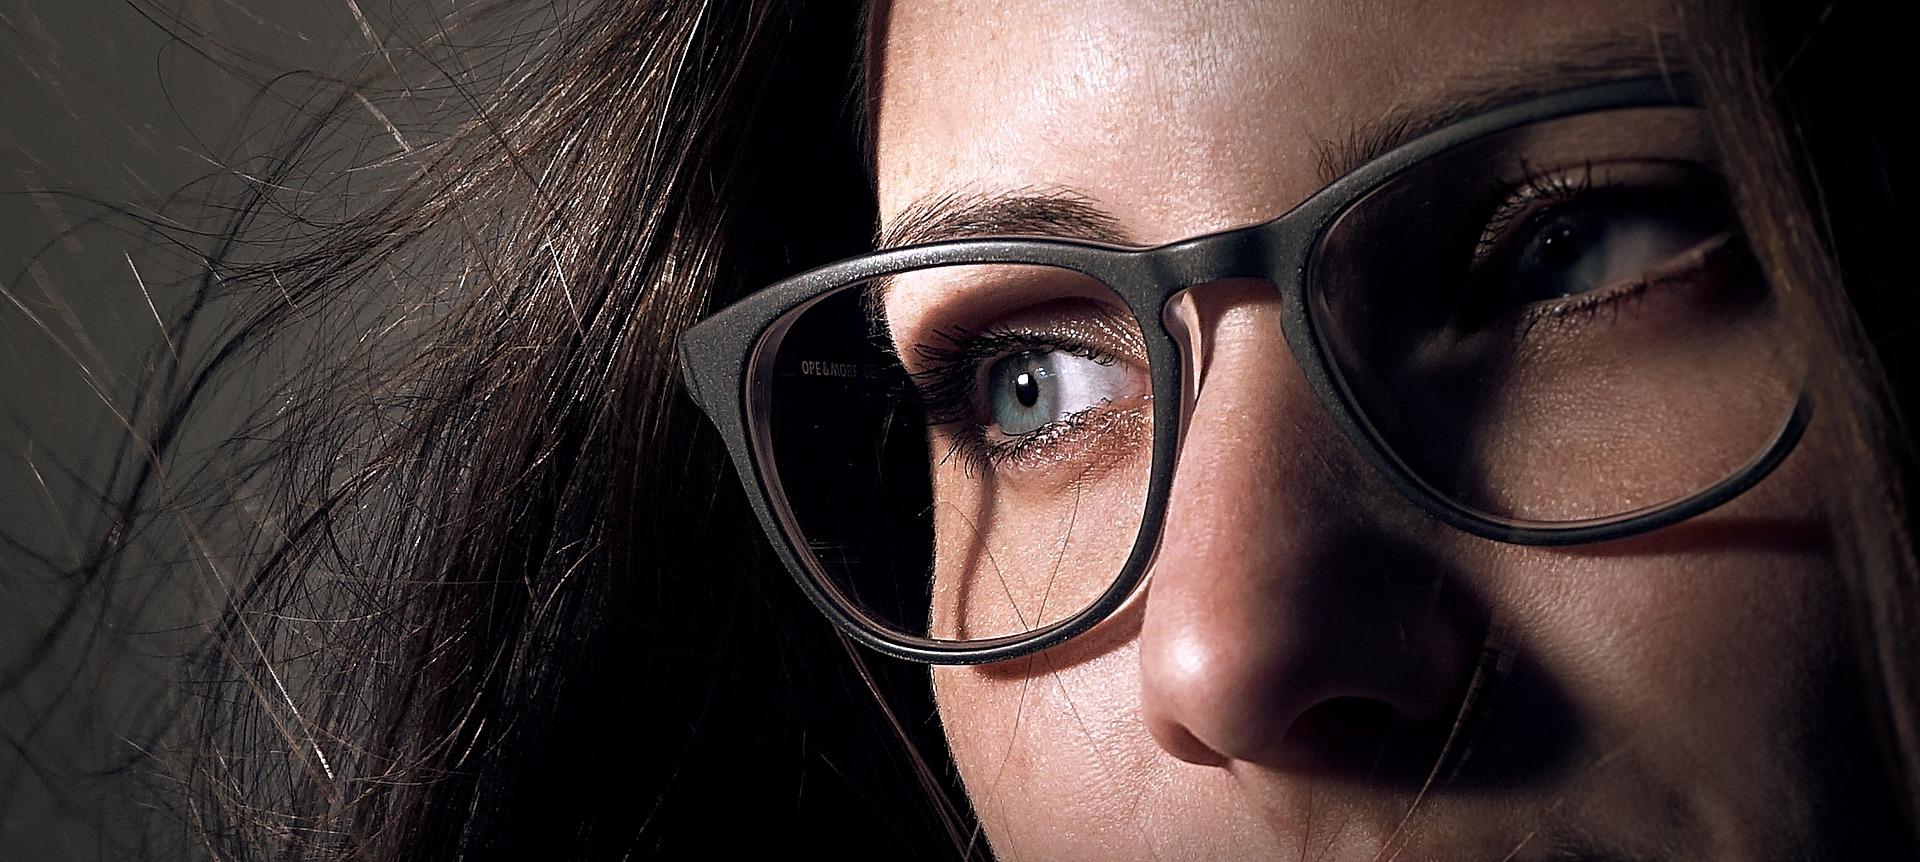 ca0f1c0e8d Avez-vous trouvé lunettes à votre tête? - 3CConseil